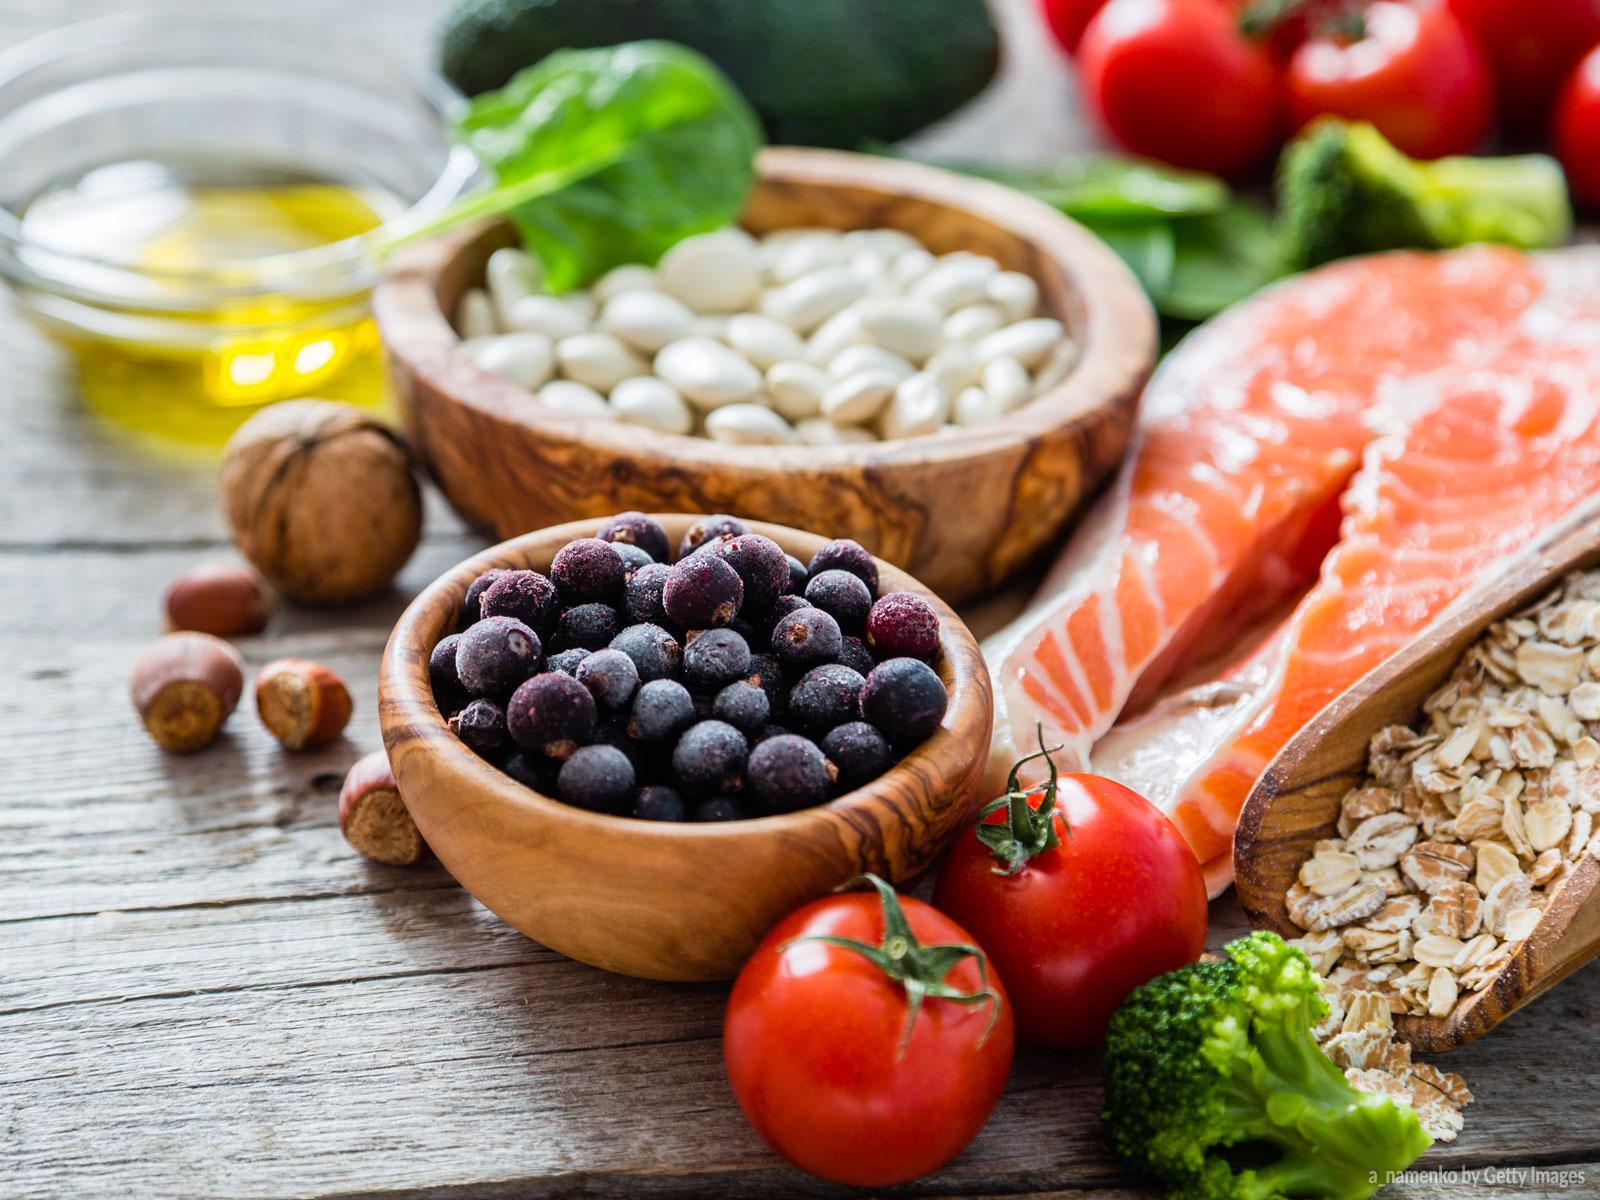 Como os alimentos da cesta básica podem compor uma dieta saudável